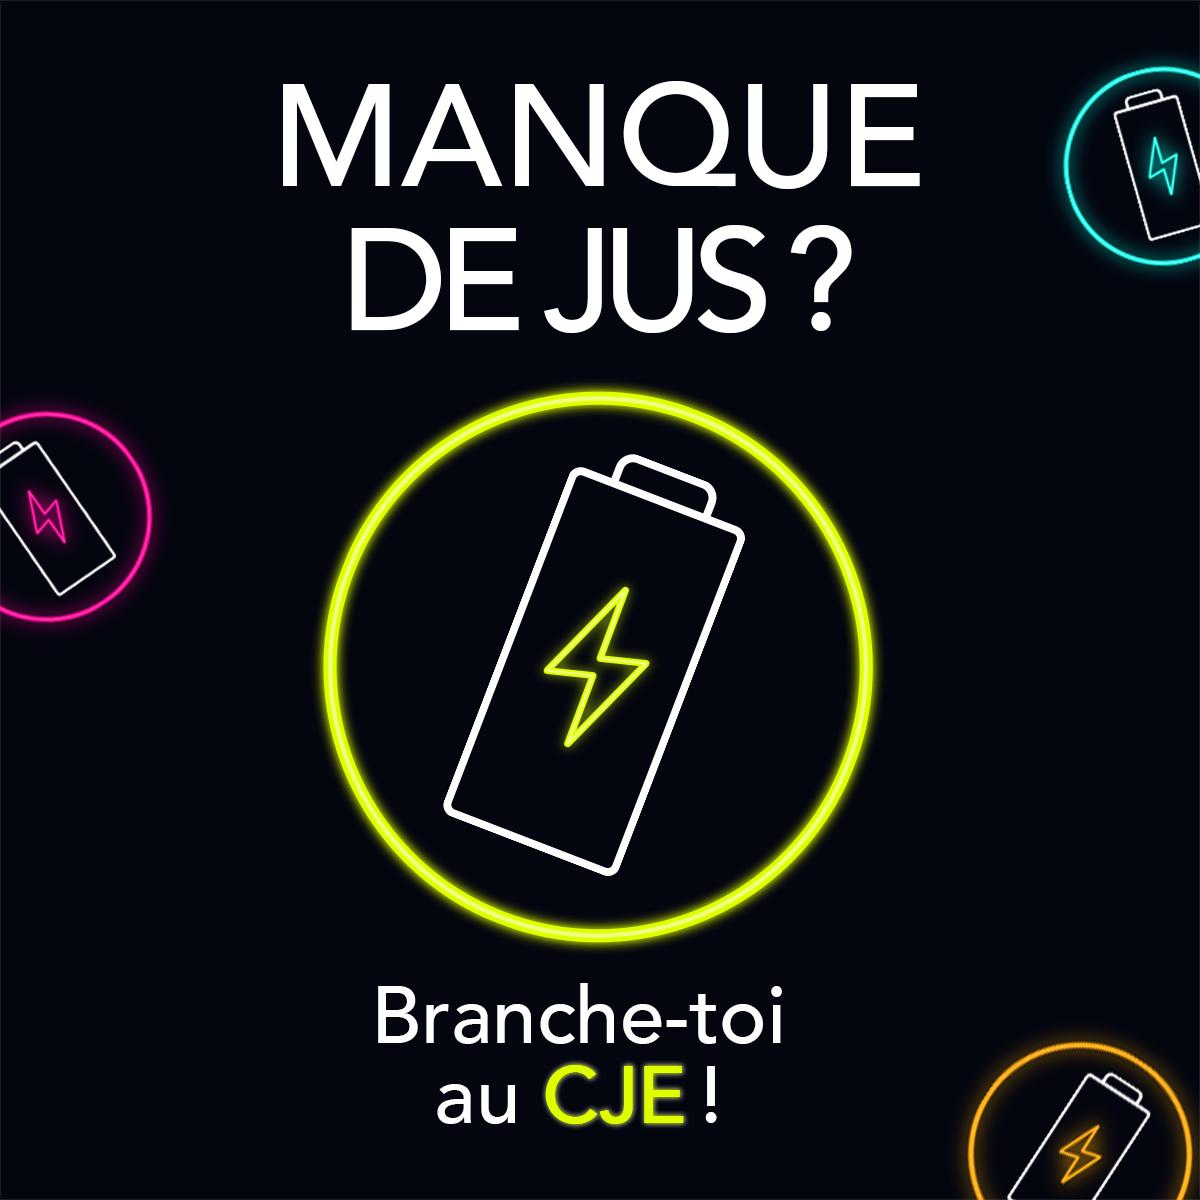 D-3633_Campagne2018-19_ReseauxSociaux_Jeune_1200x1200_V1_FR.png